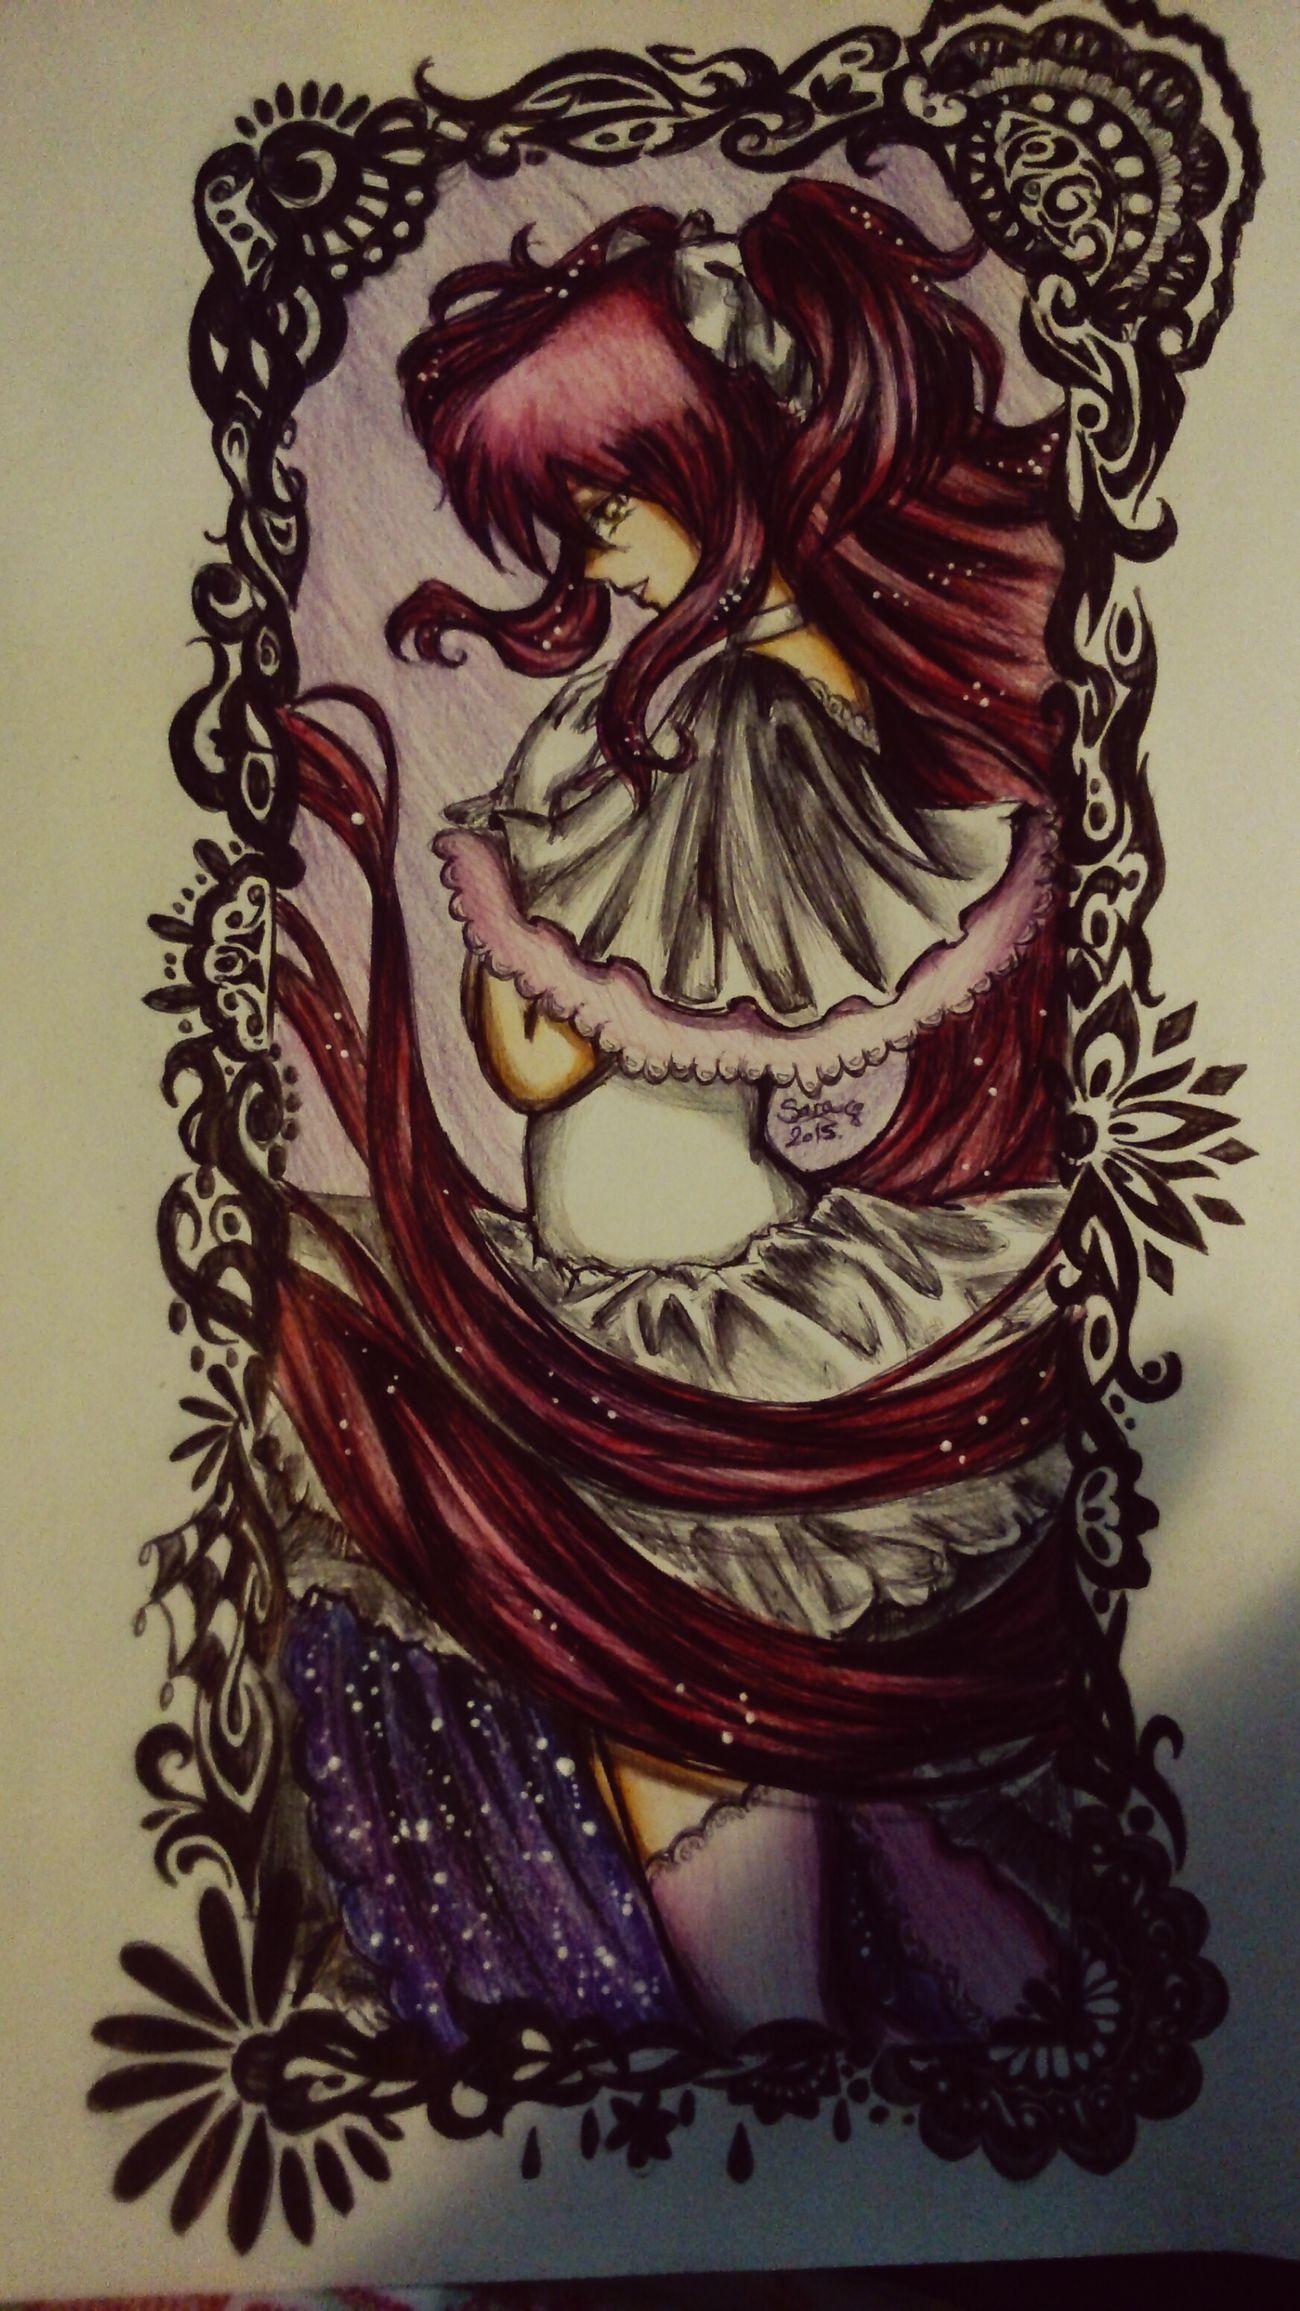 Madoka Magica Puella Magi Madoka Magica Art Drawing Fanart Mymoonlightart Anime